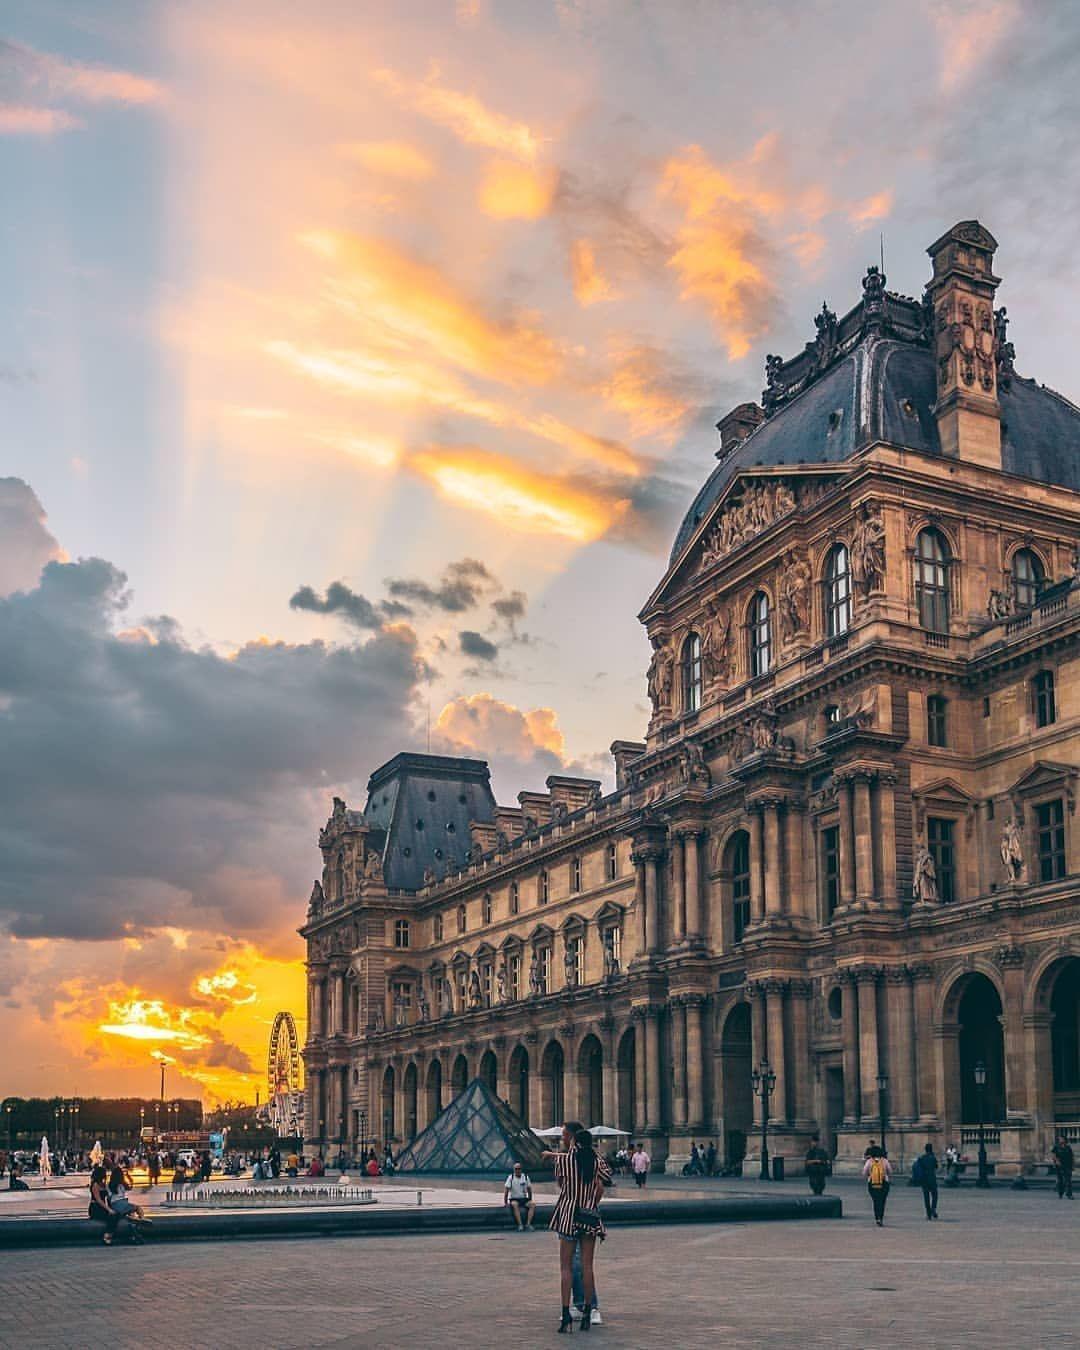 Paris Parisfrance Museedulouvre Iloveparis Parisarchitecture Photography France Musee Du Louvre Louvre Hotel Des Invalides